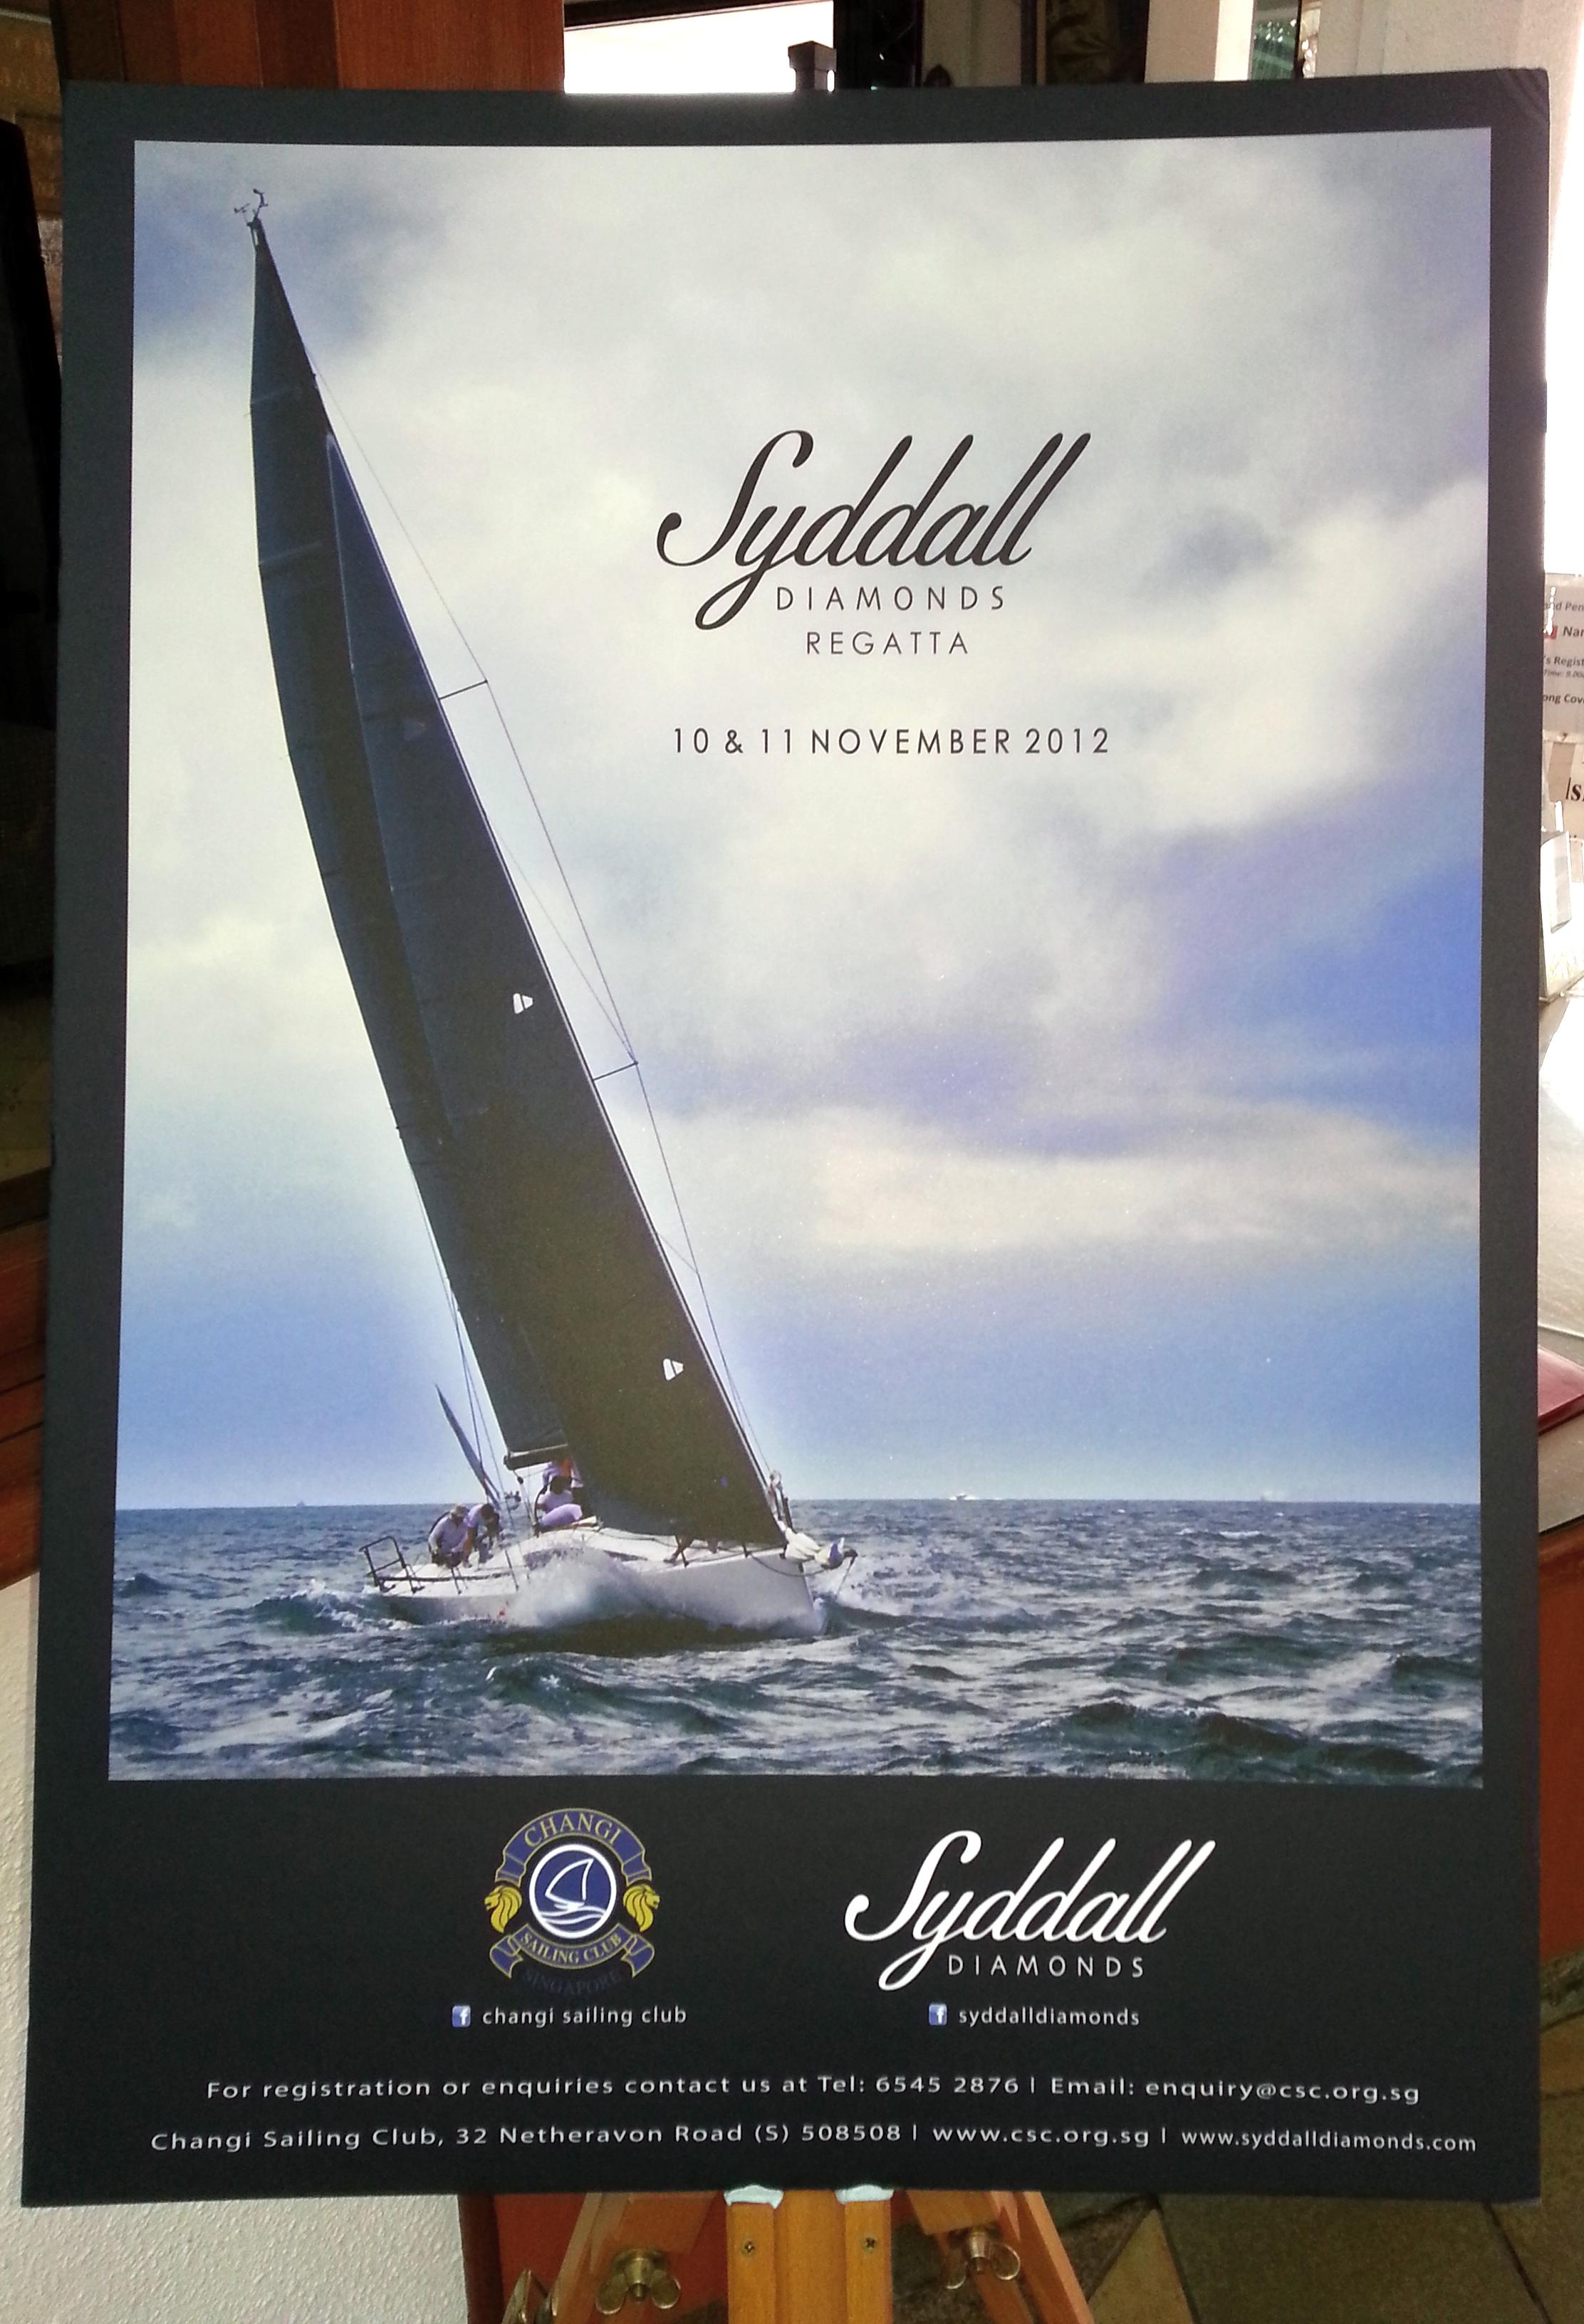 Syddall Regatta'12